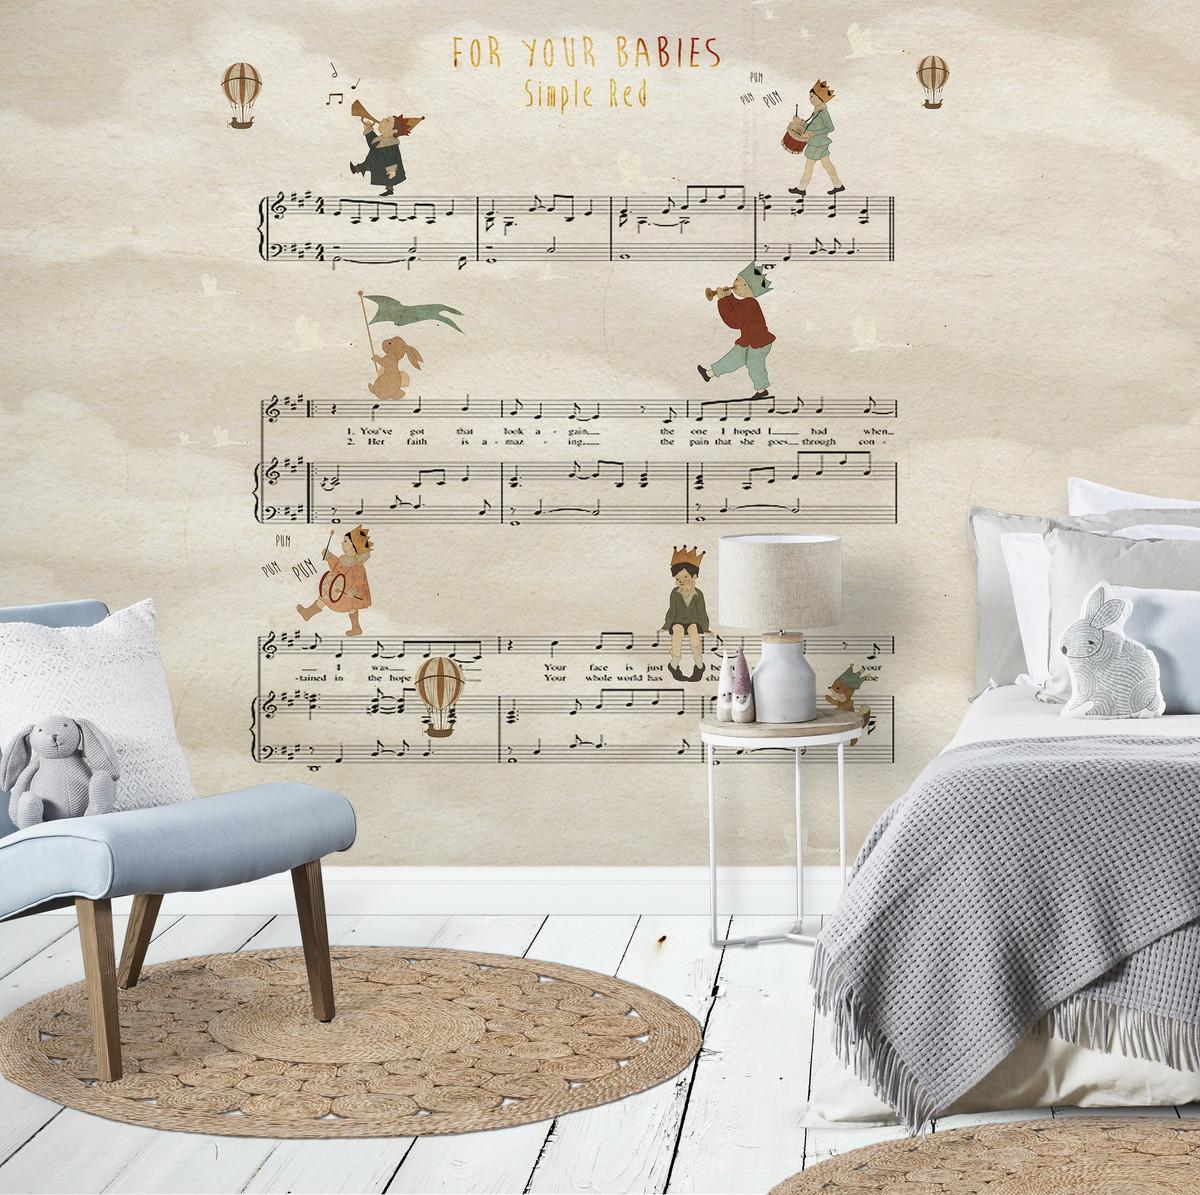 Papel de parede personalizado infantil m sica 001 no elo7 - Papel para paredes baratos ...